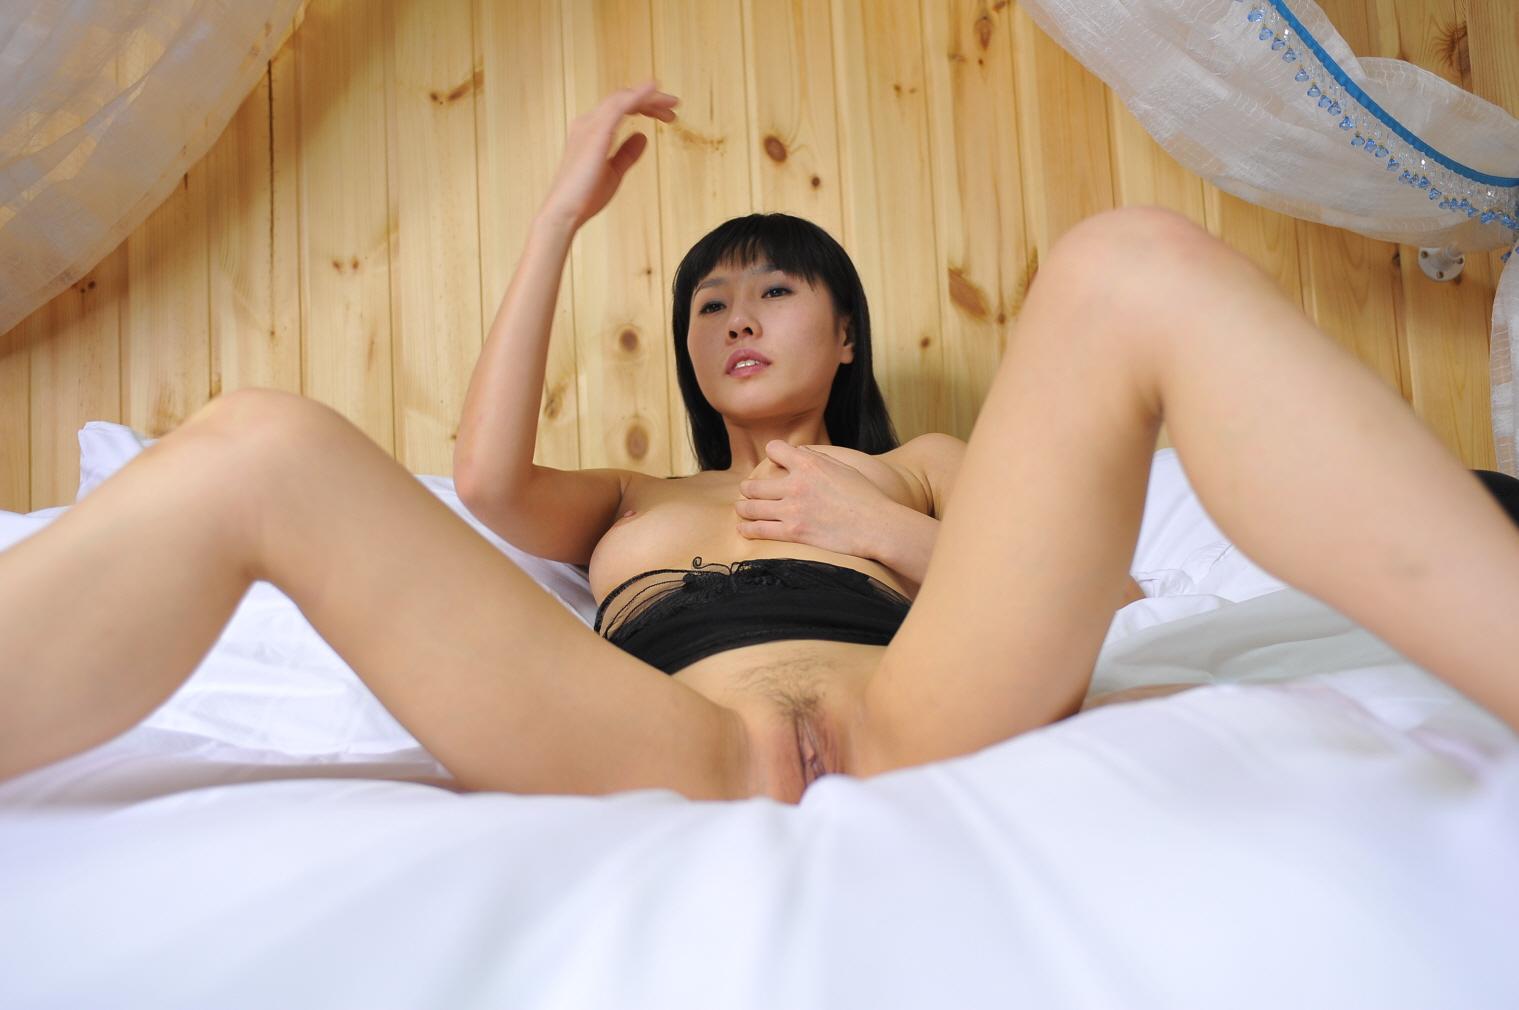 Good The naked girl from korea